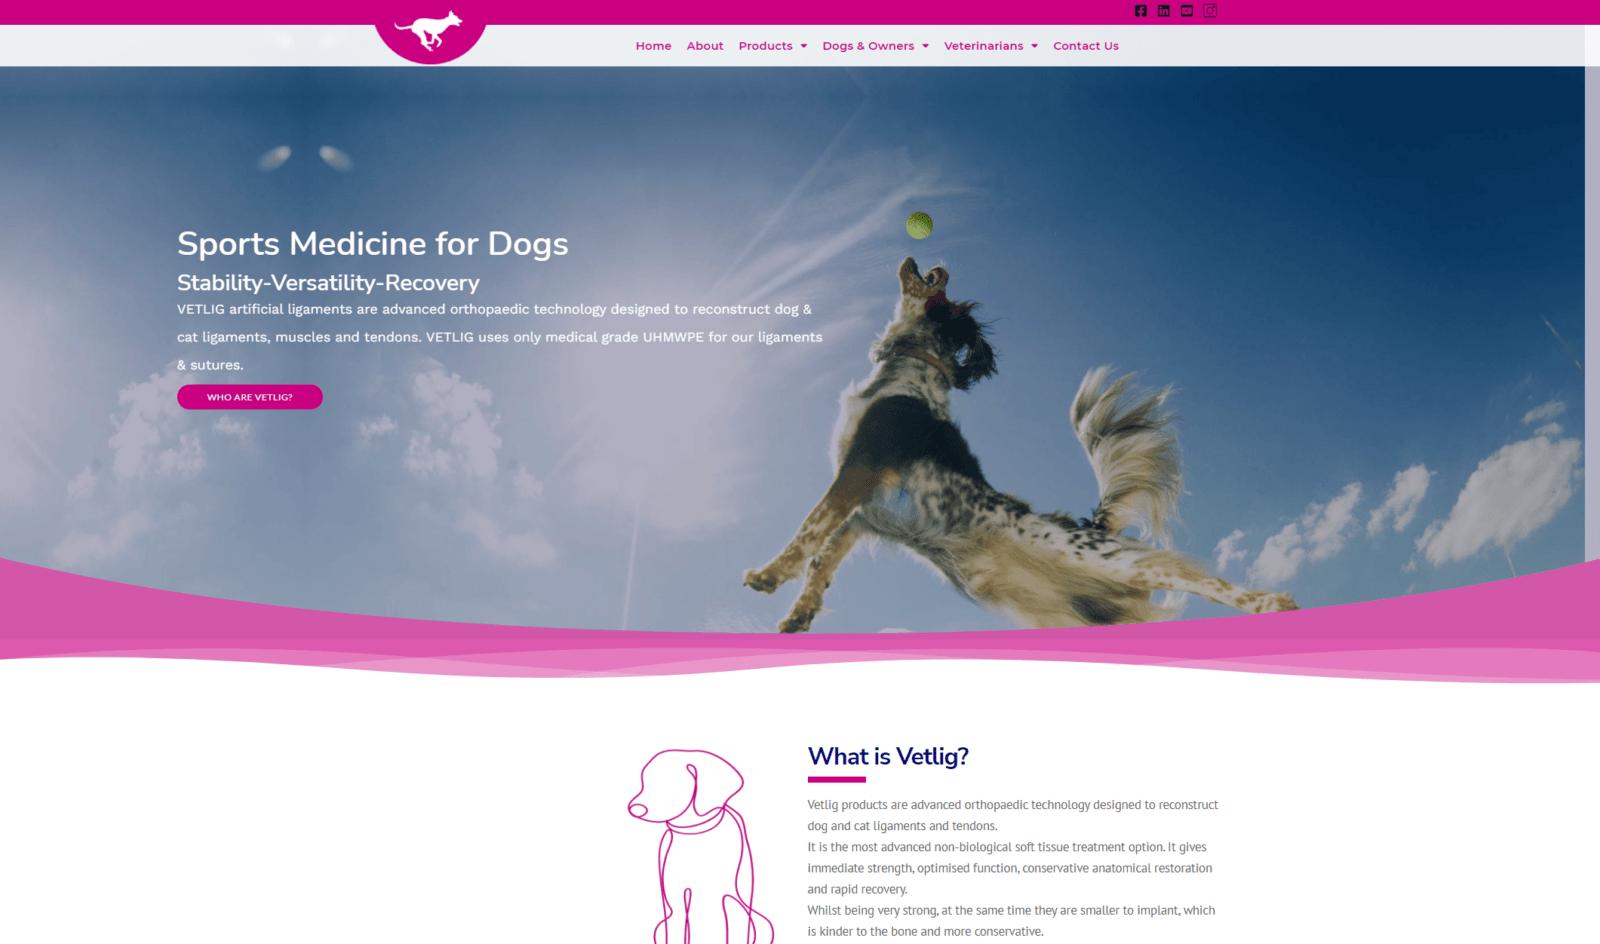 www.vetlig.com